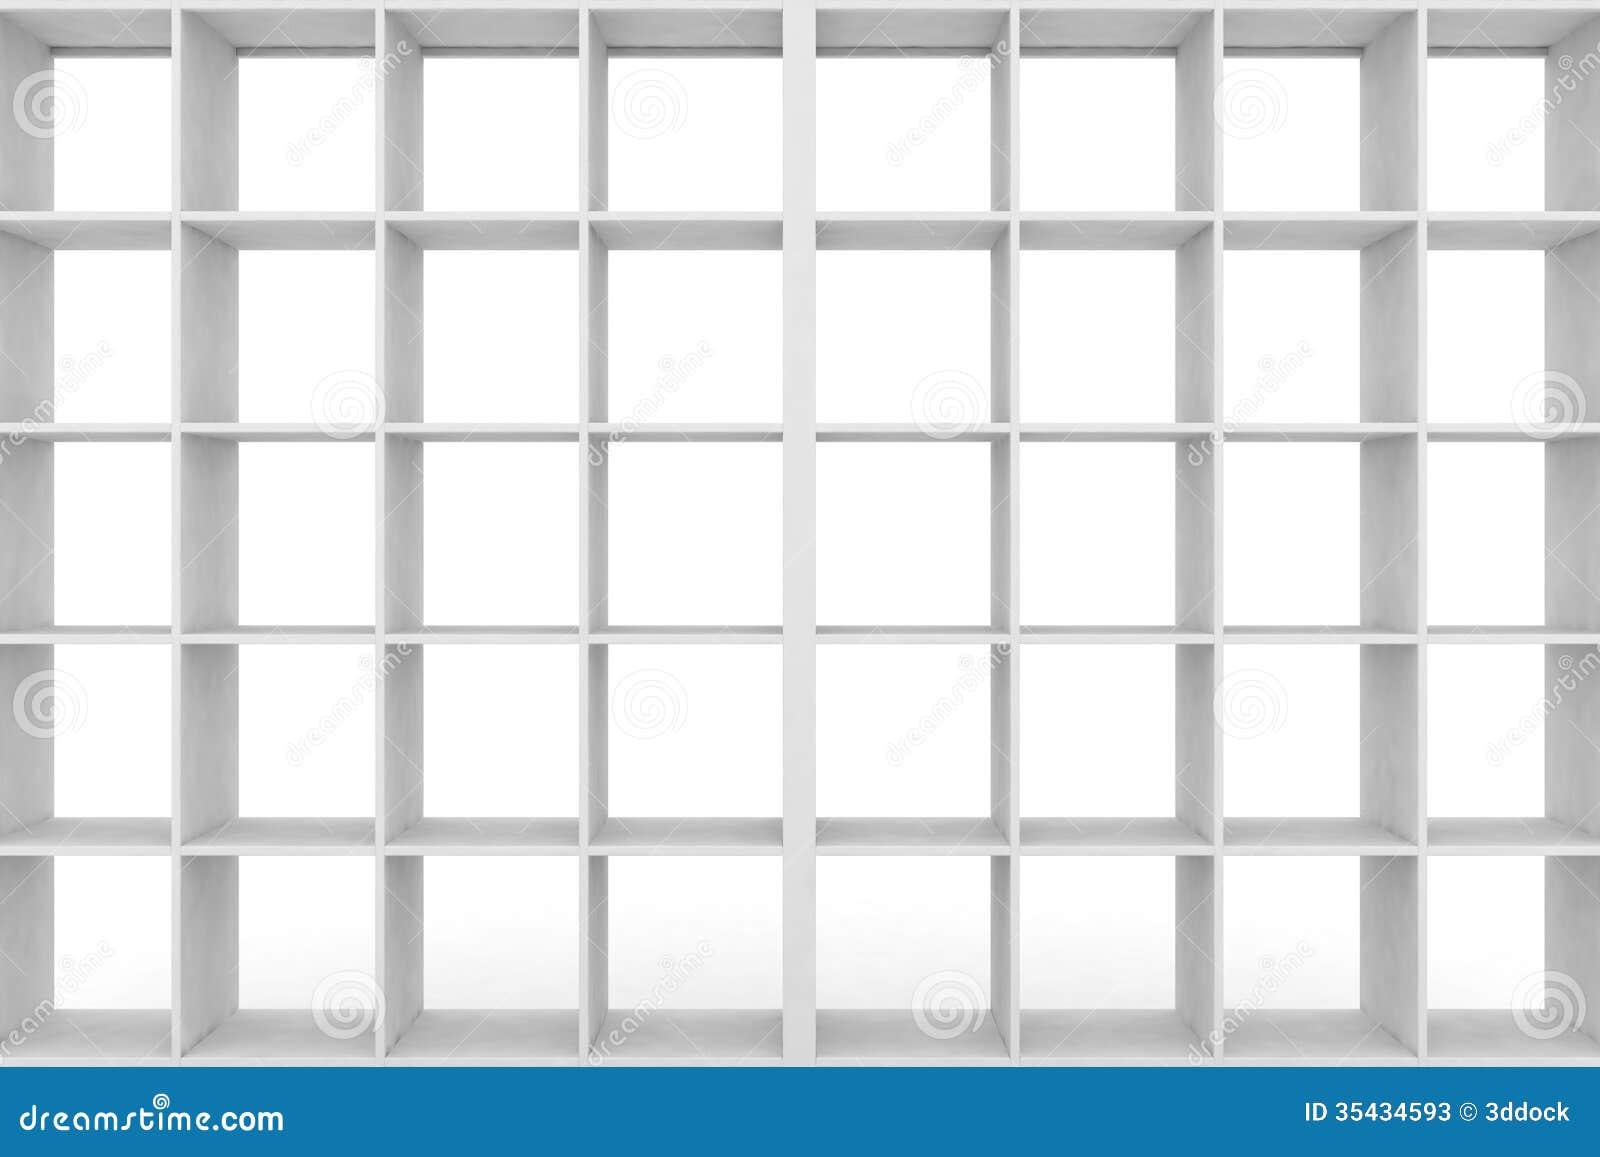 einfaches regal mit leeren gestellen stockfotos bild 35434593. Black Bedroom Furniture Sets. Home Design Ideas